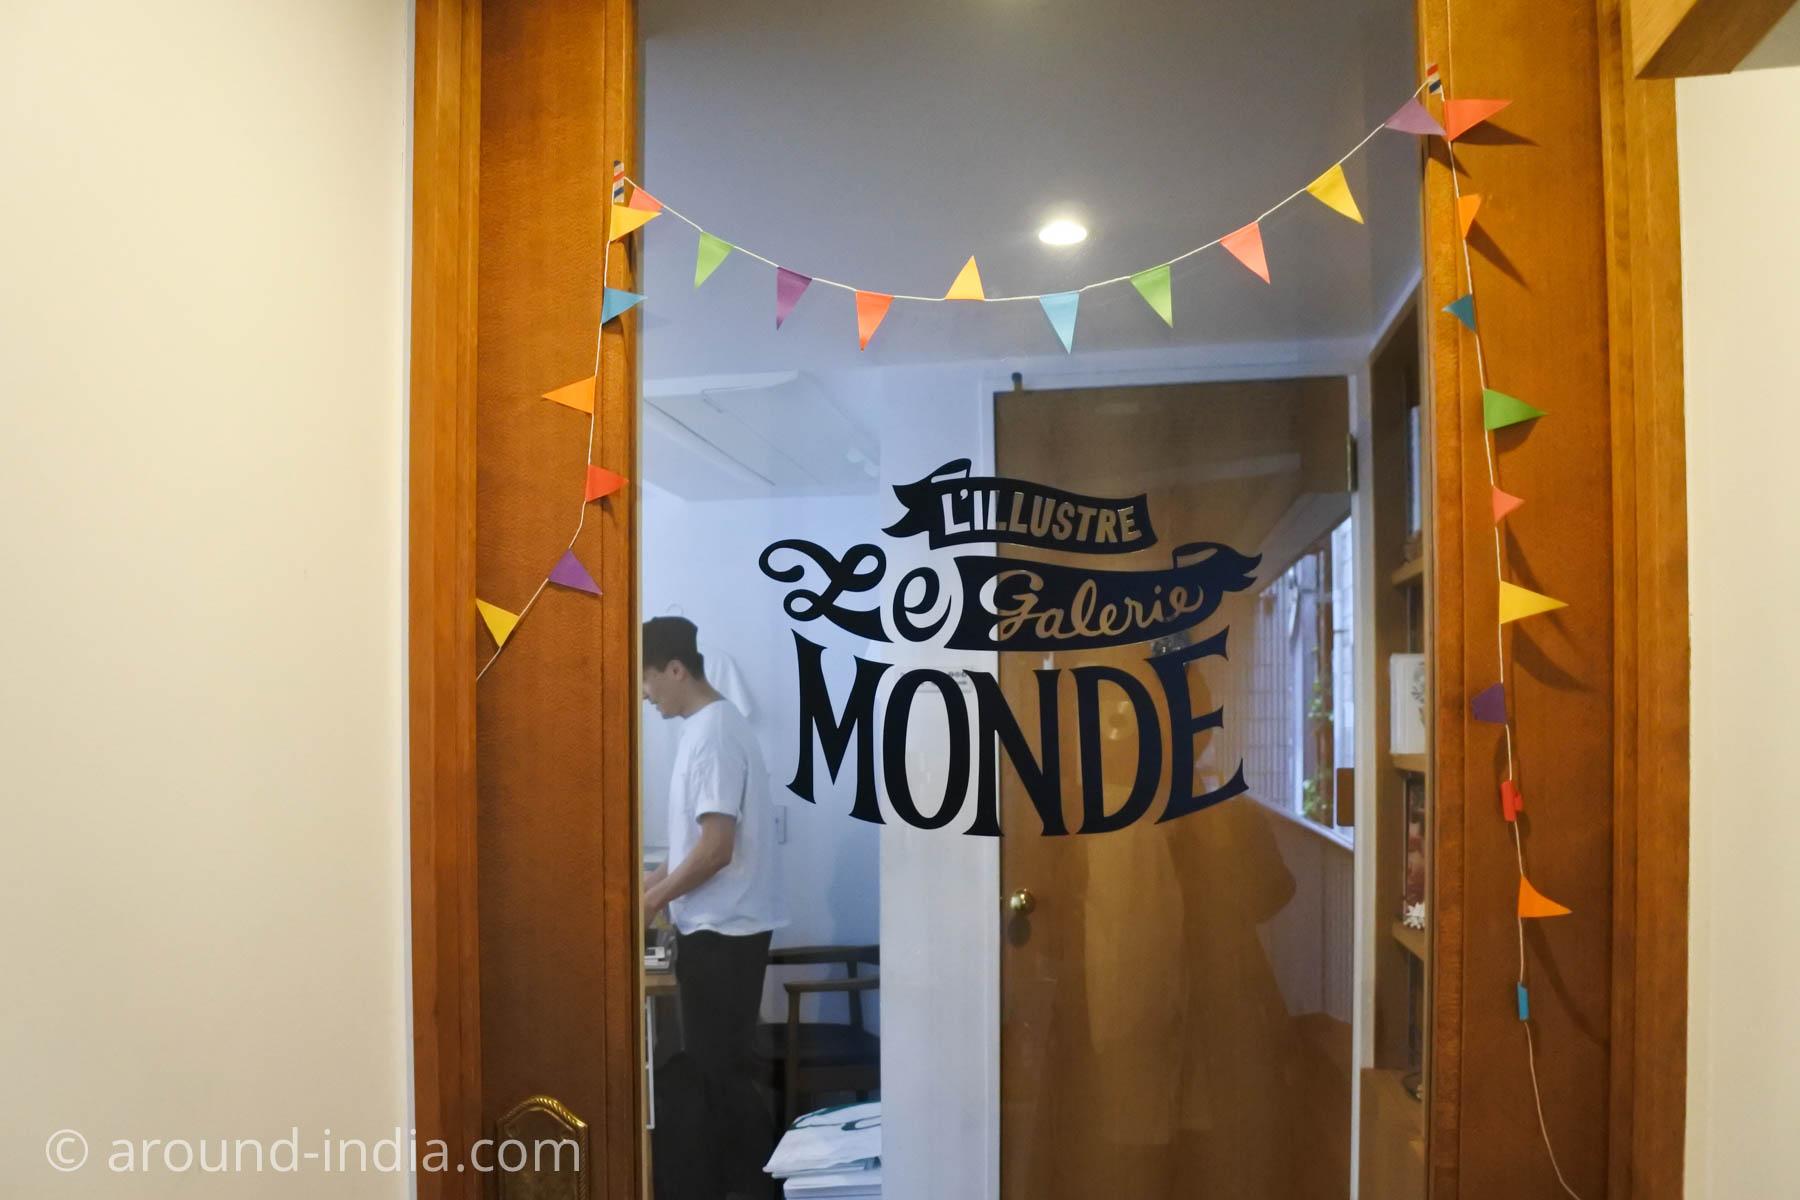 L'illustre Galerie LE MONDE